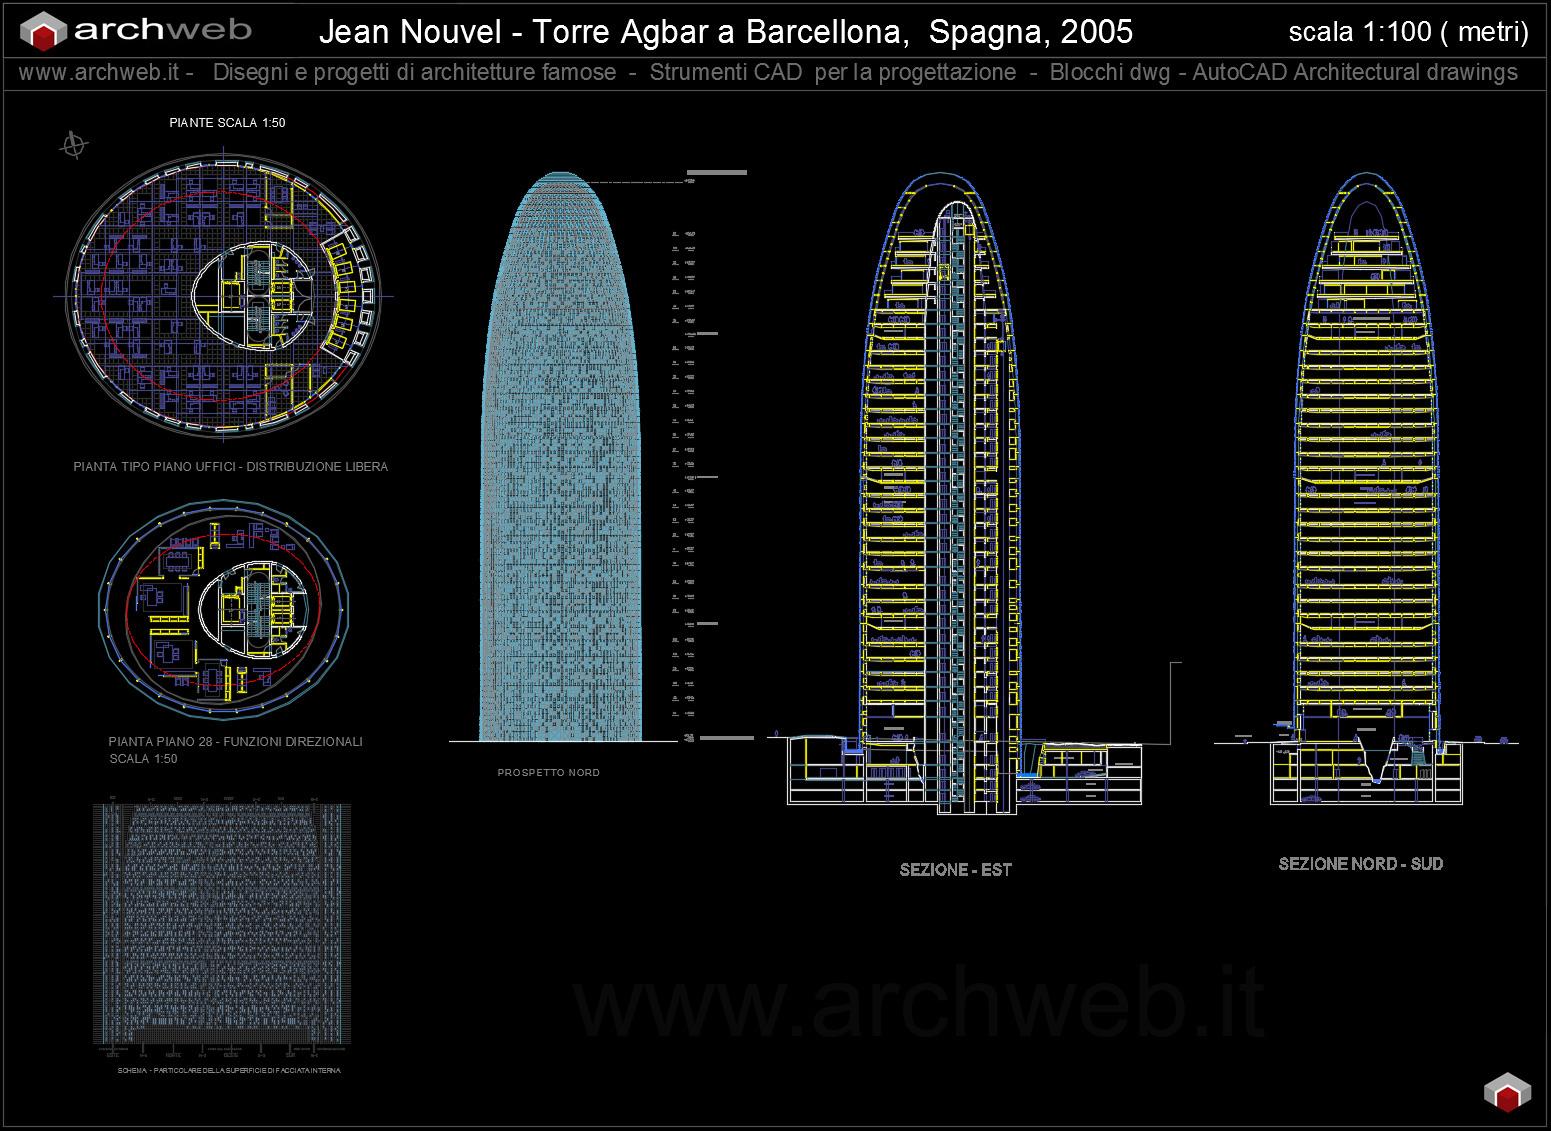 Controsoffitto dwg archweb controsoffitto archweb for Sedie ufficio dwg